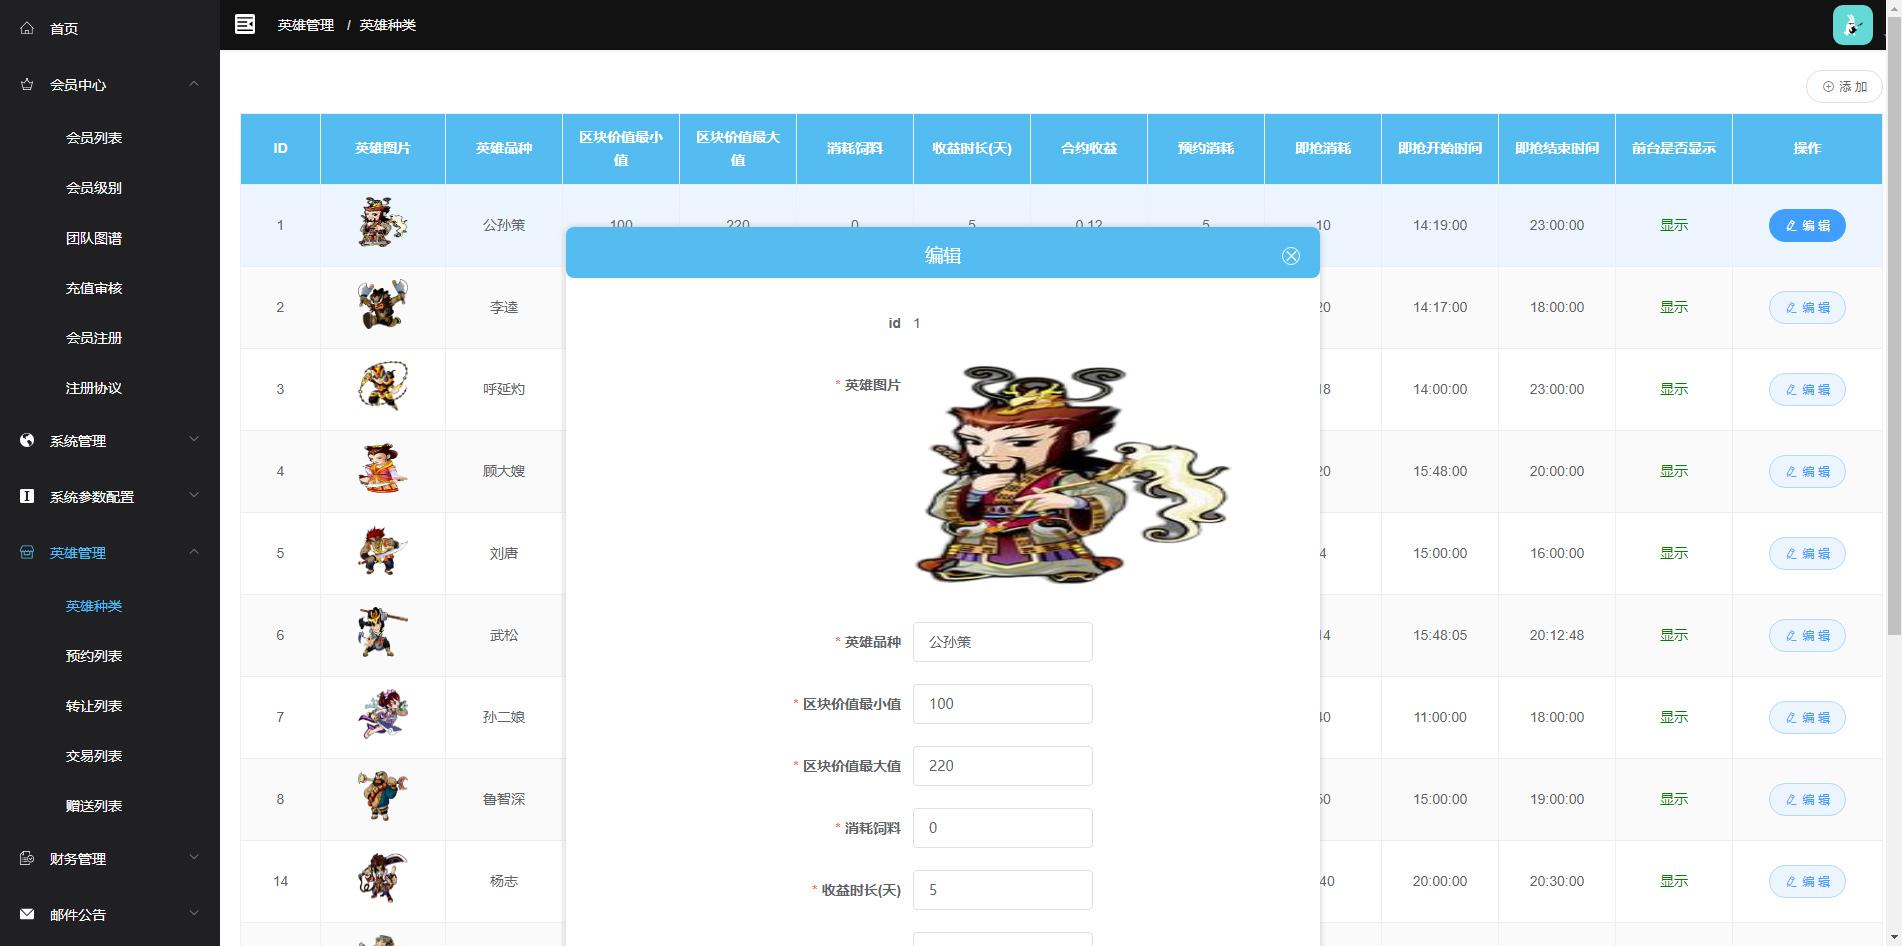 【UI定制水浒传区块系统】四月全新UI前端宠物区块链直推金融理财网站源码[非论坛货已亲测]-找主题源码